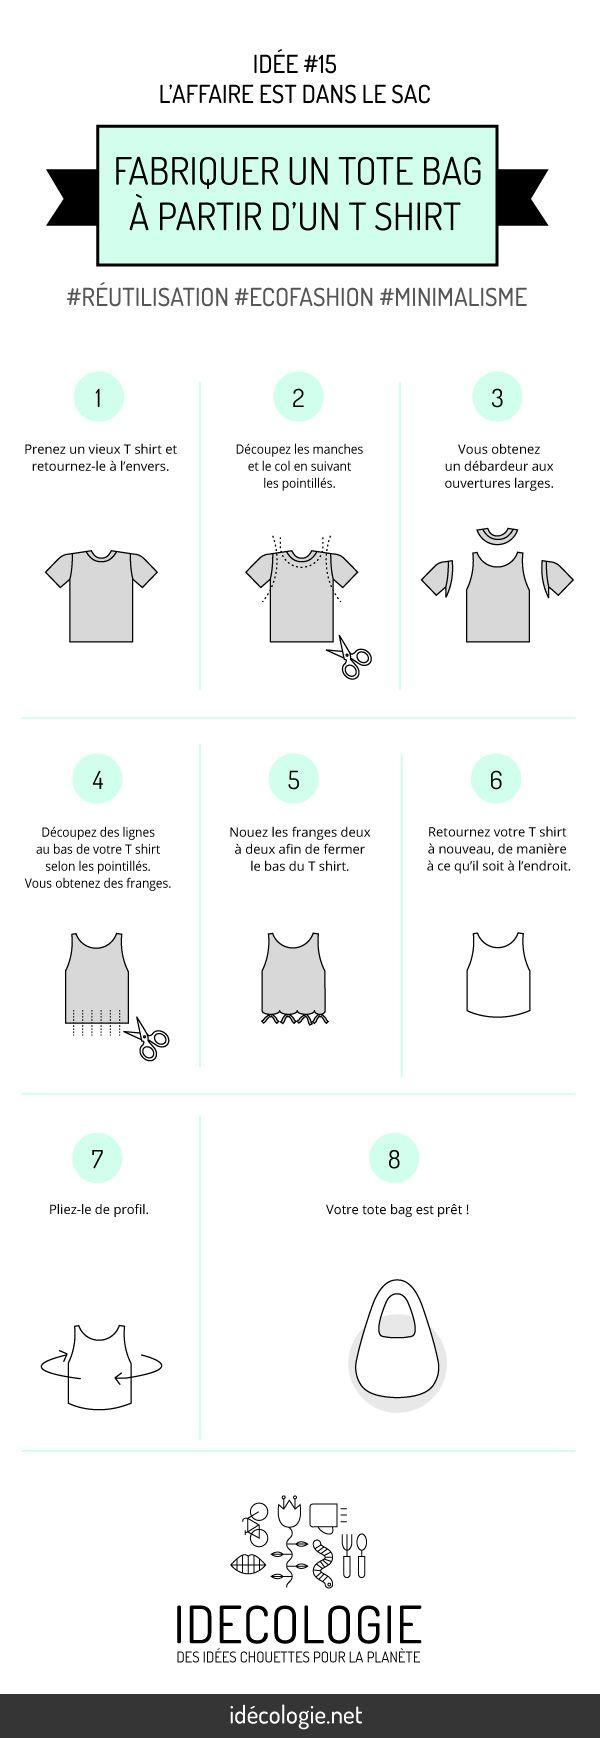 Un vieux tee-shirt que vous hésitez à jeter? Réutilisez-le et faites-en un sac !